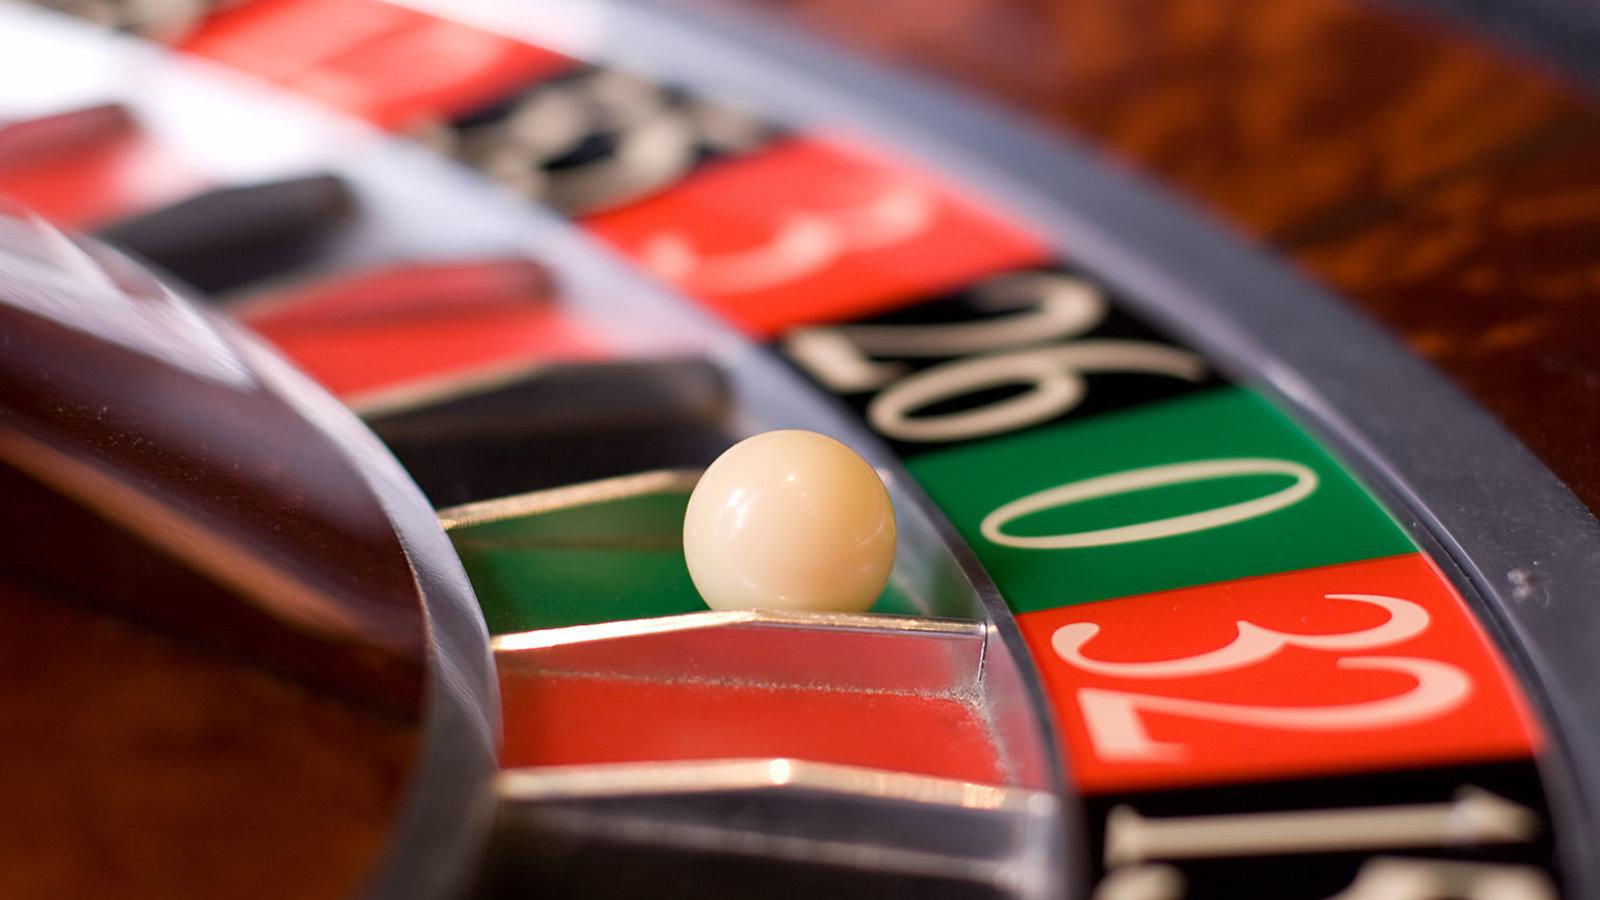 2015 Canadian Casinos Investors Should Watch